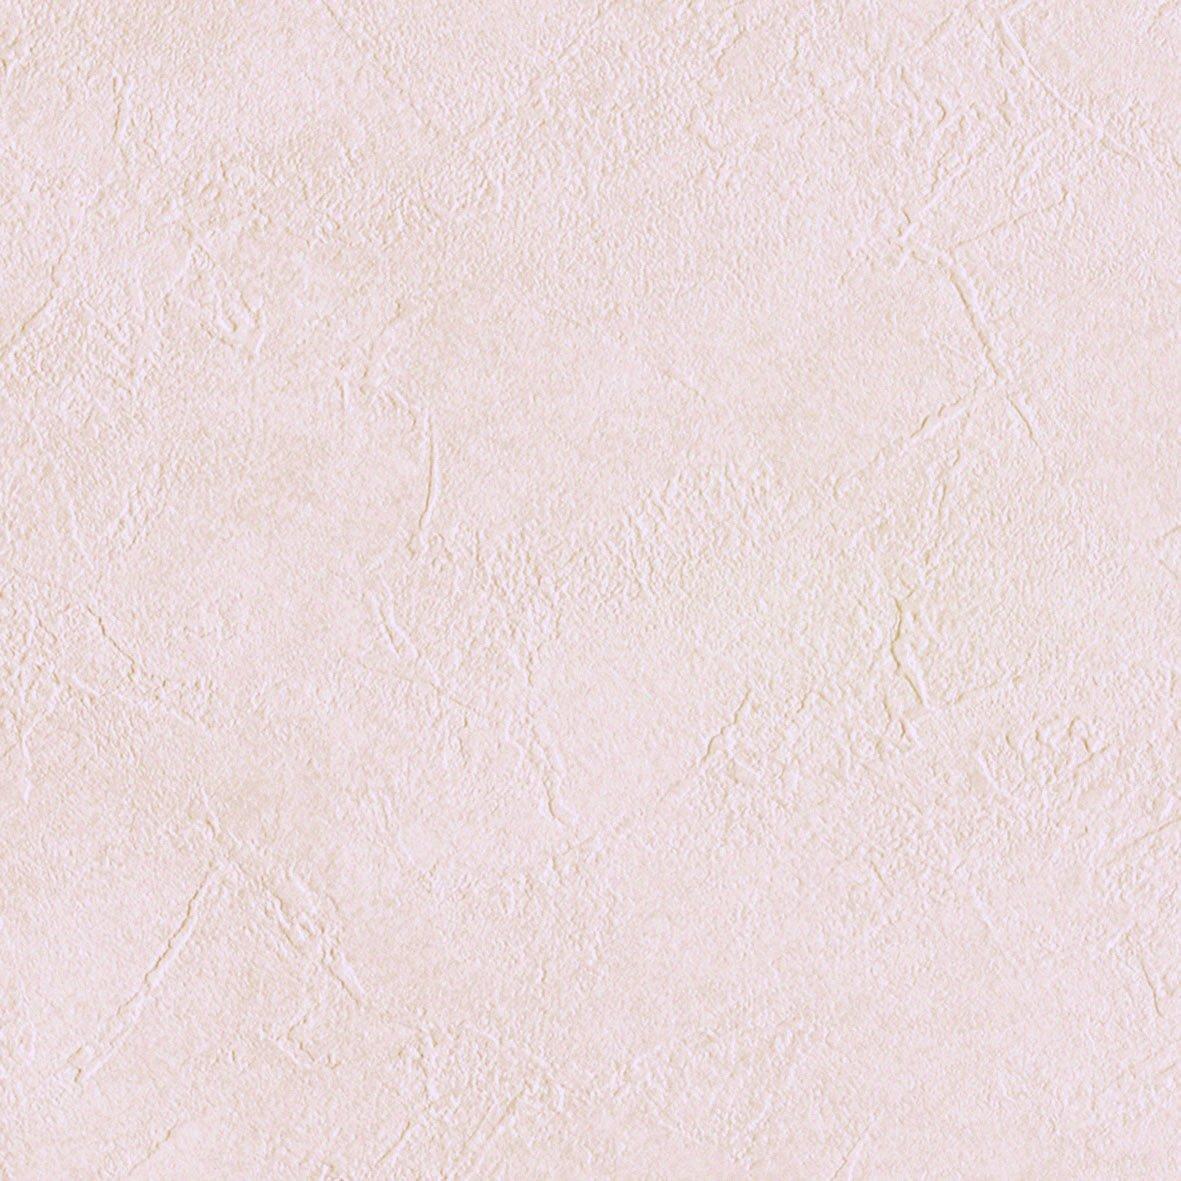 リリカラ 壁紙43m ナチュラル 無地 ベージュ LL-8701 B01N3XVYBB 43m|ベージュ